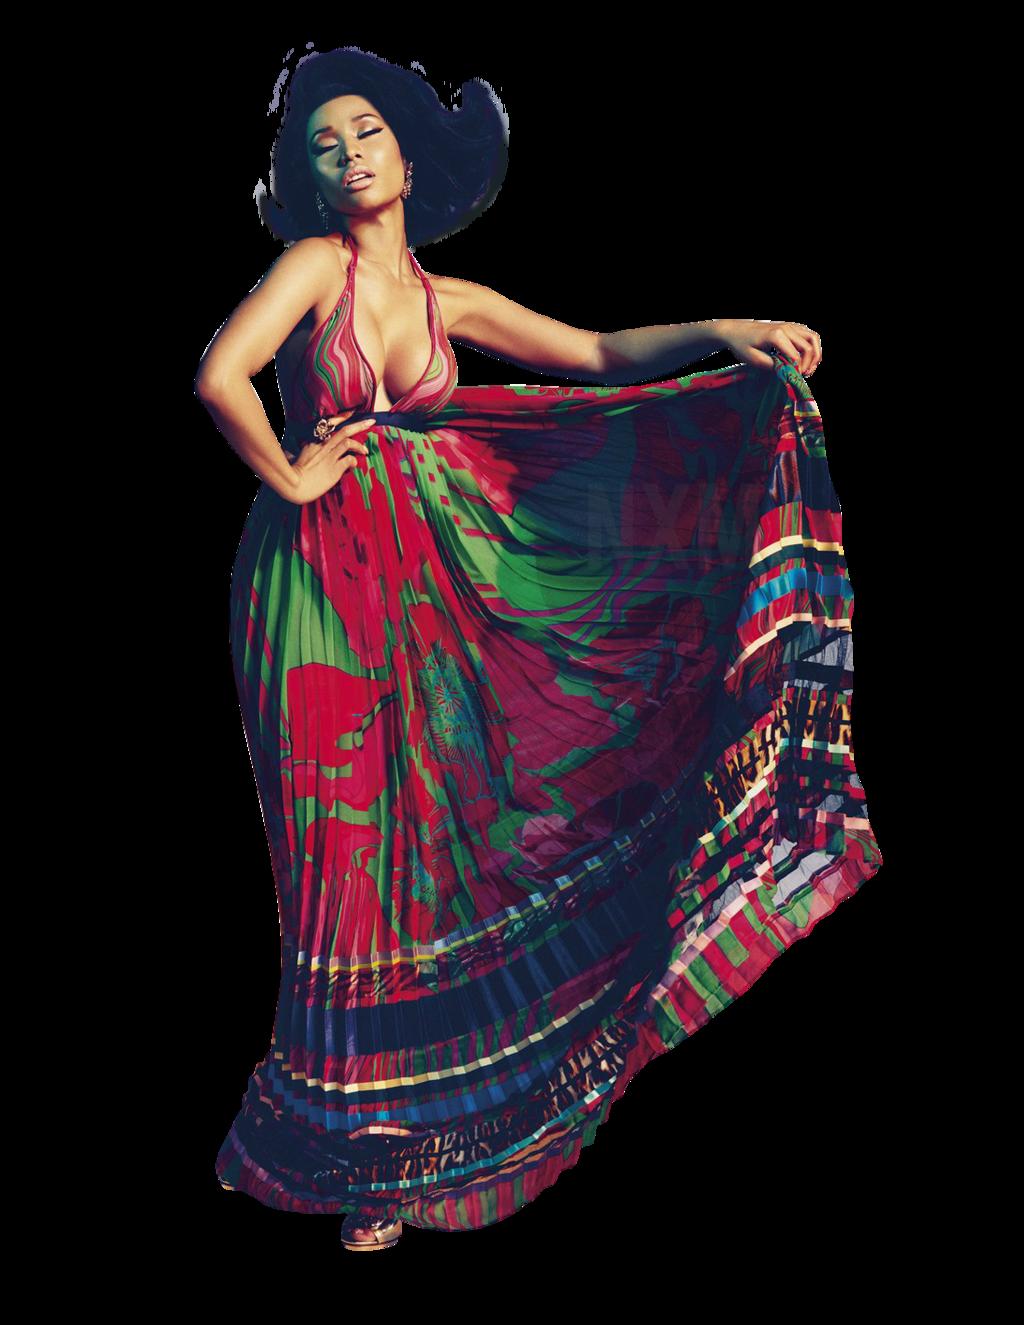 Nicki Minaj clipart #2, Download drawings